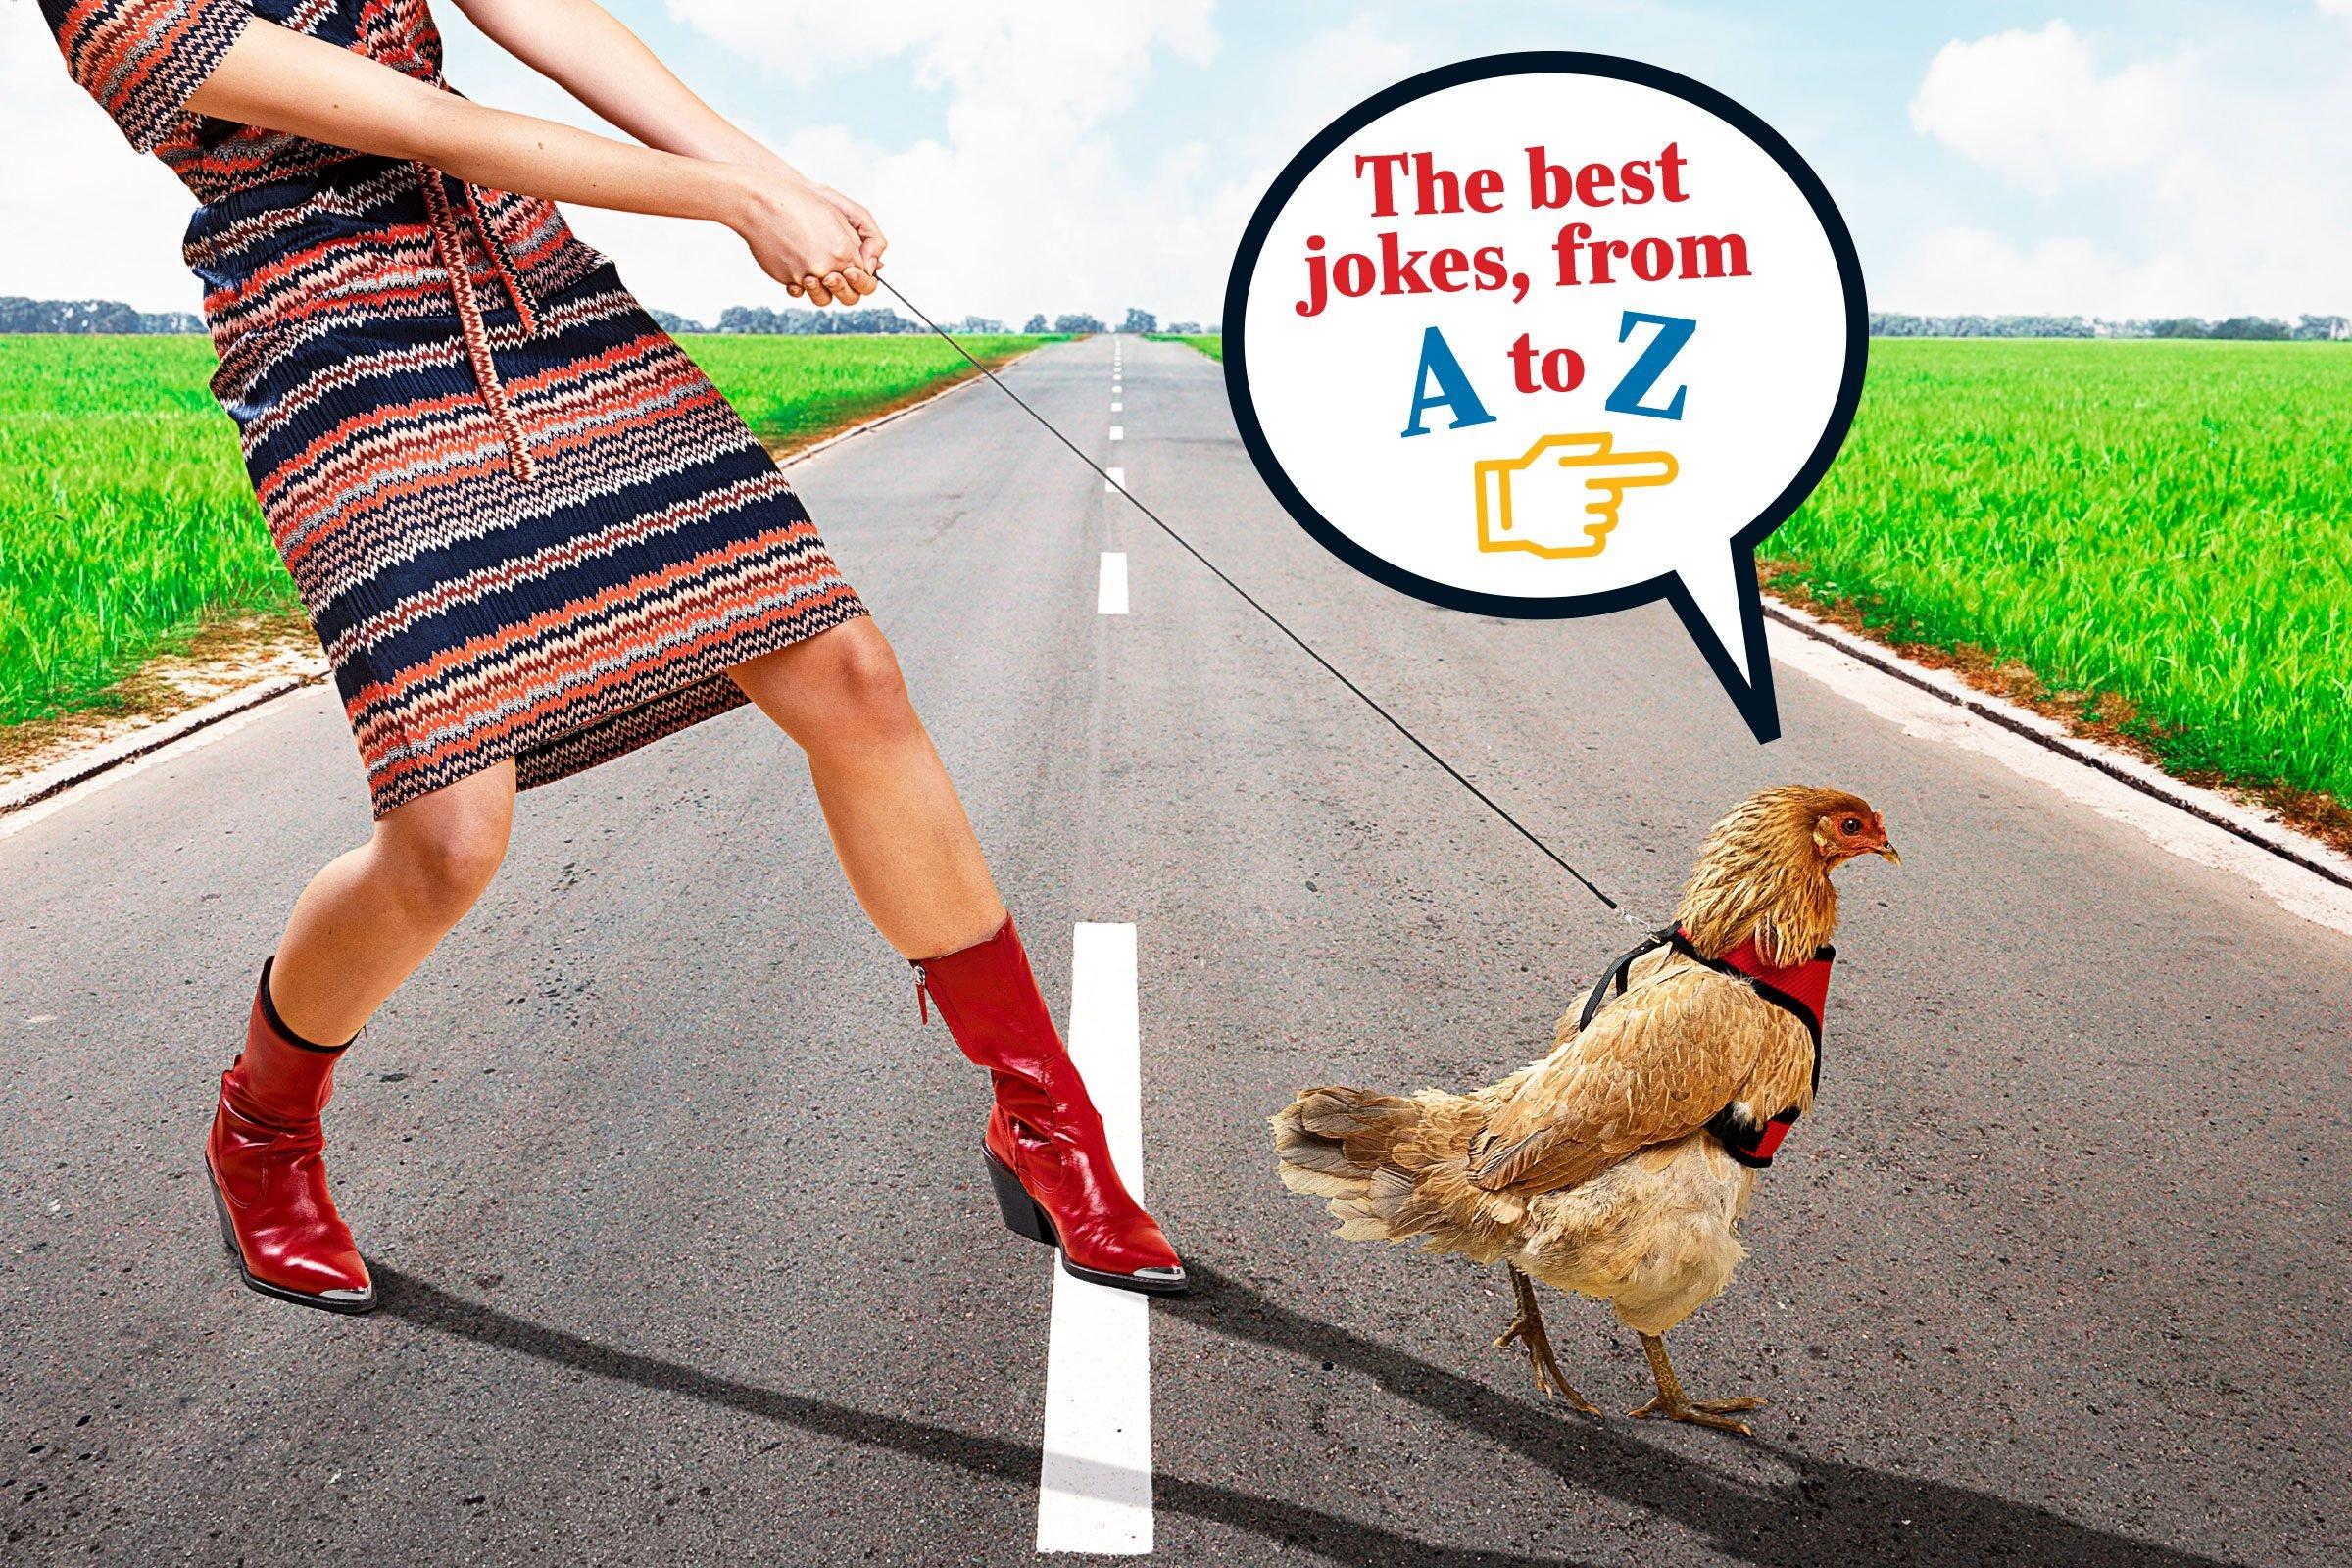 woman walking a chicken across the road